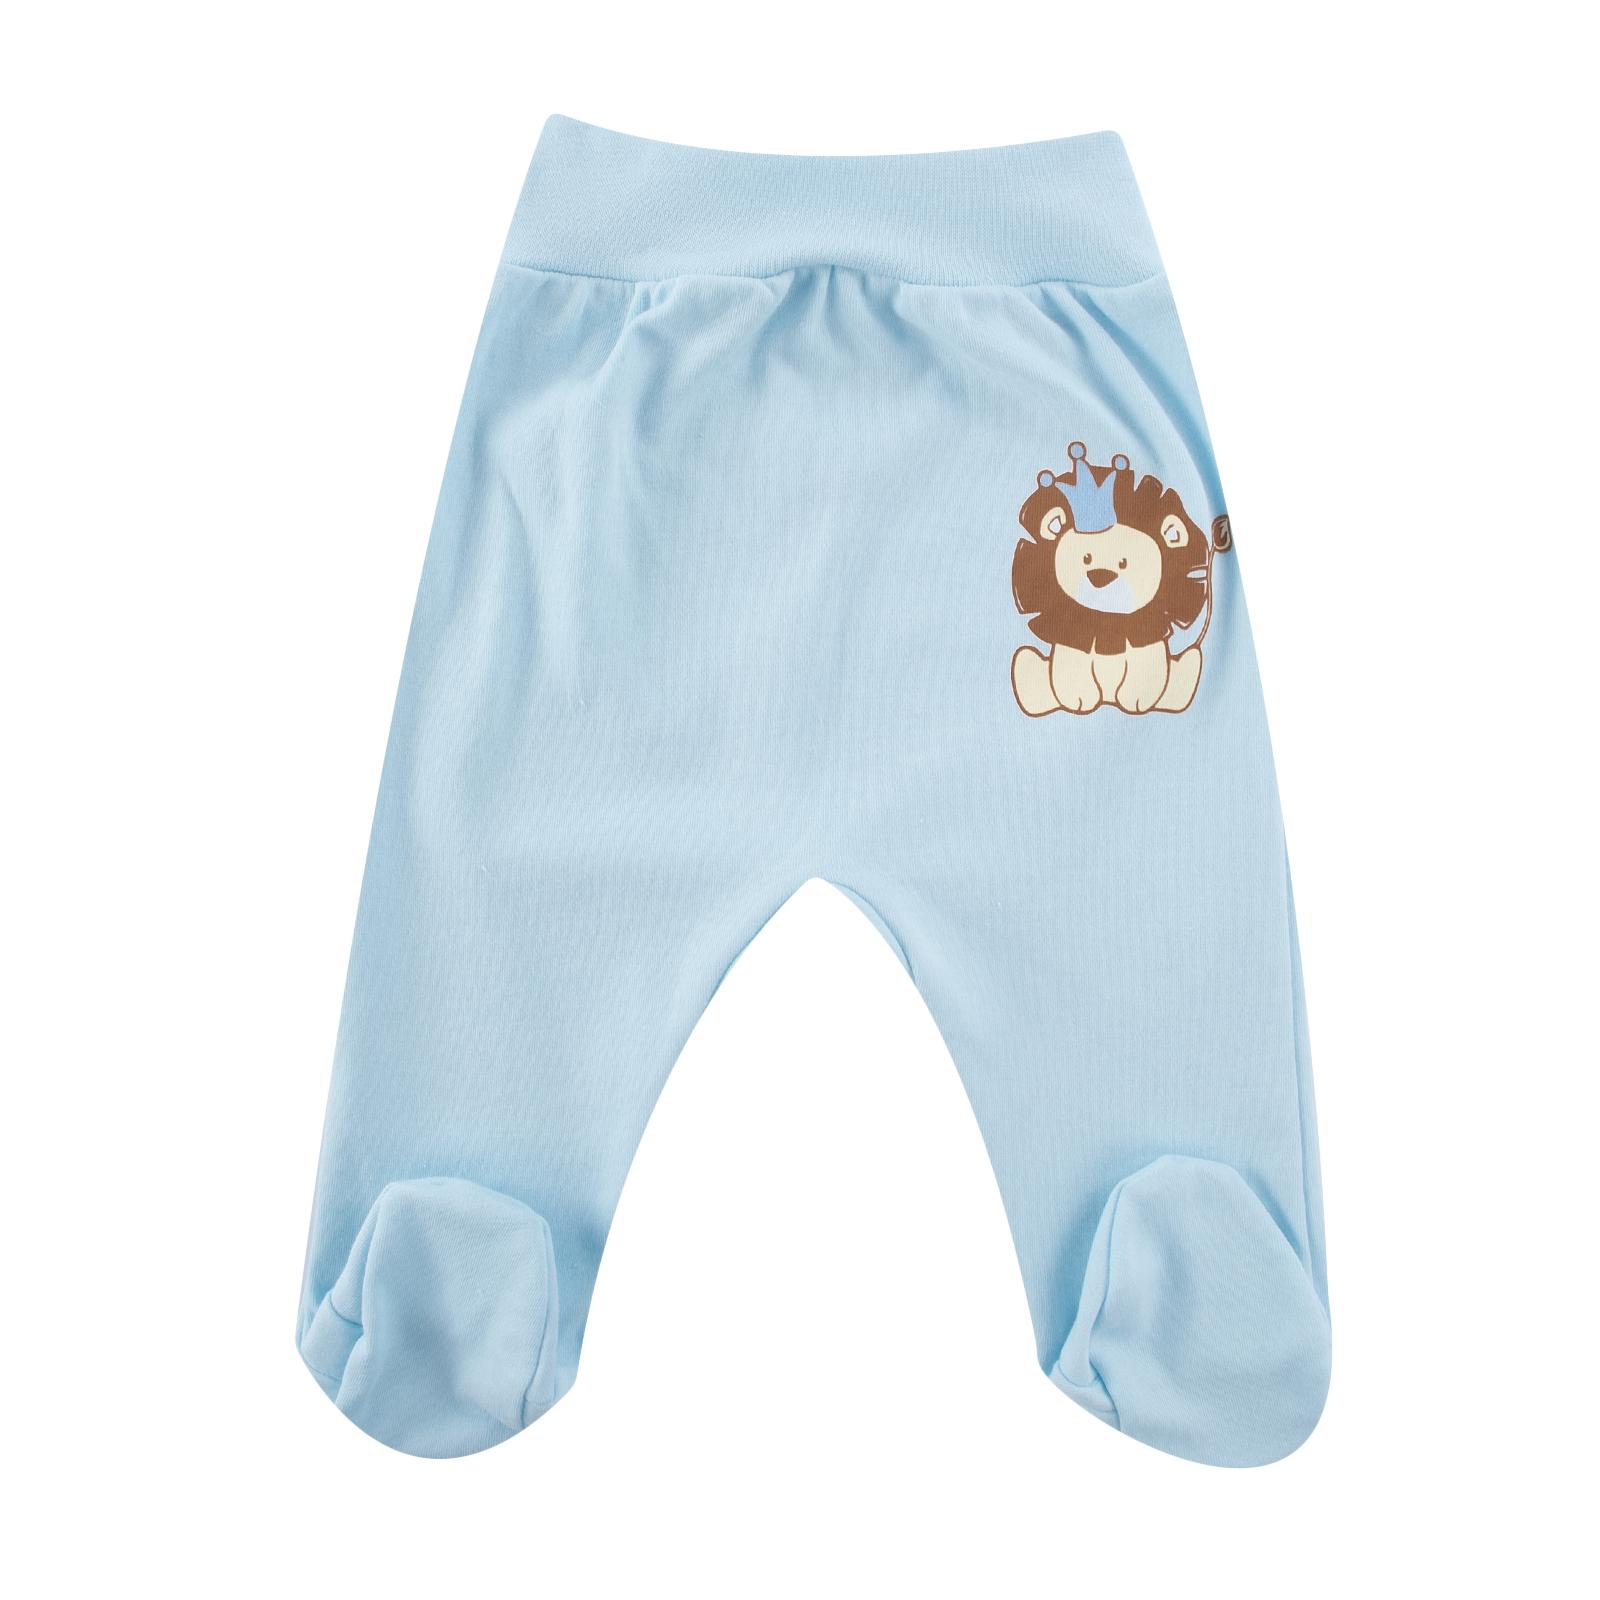 Ползунки КОТМАРКОТ для мальчика, цвет голубой 1 год (размер 86)<br>